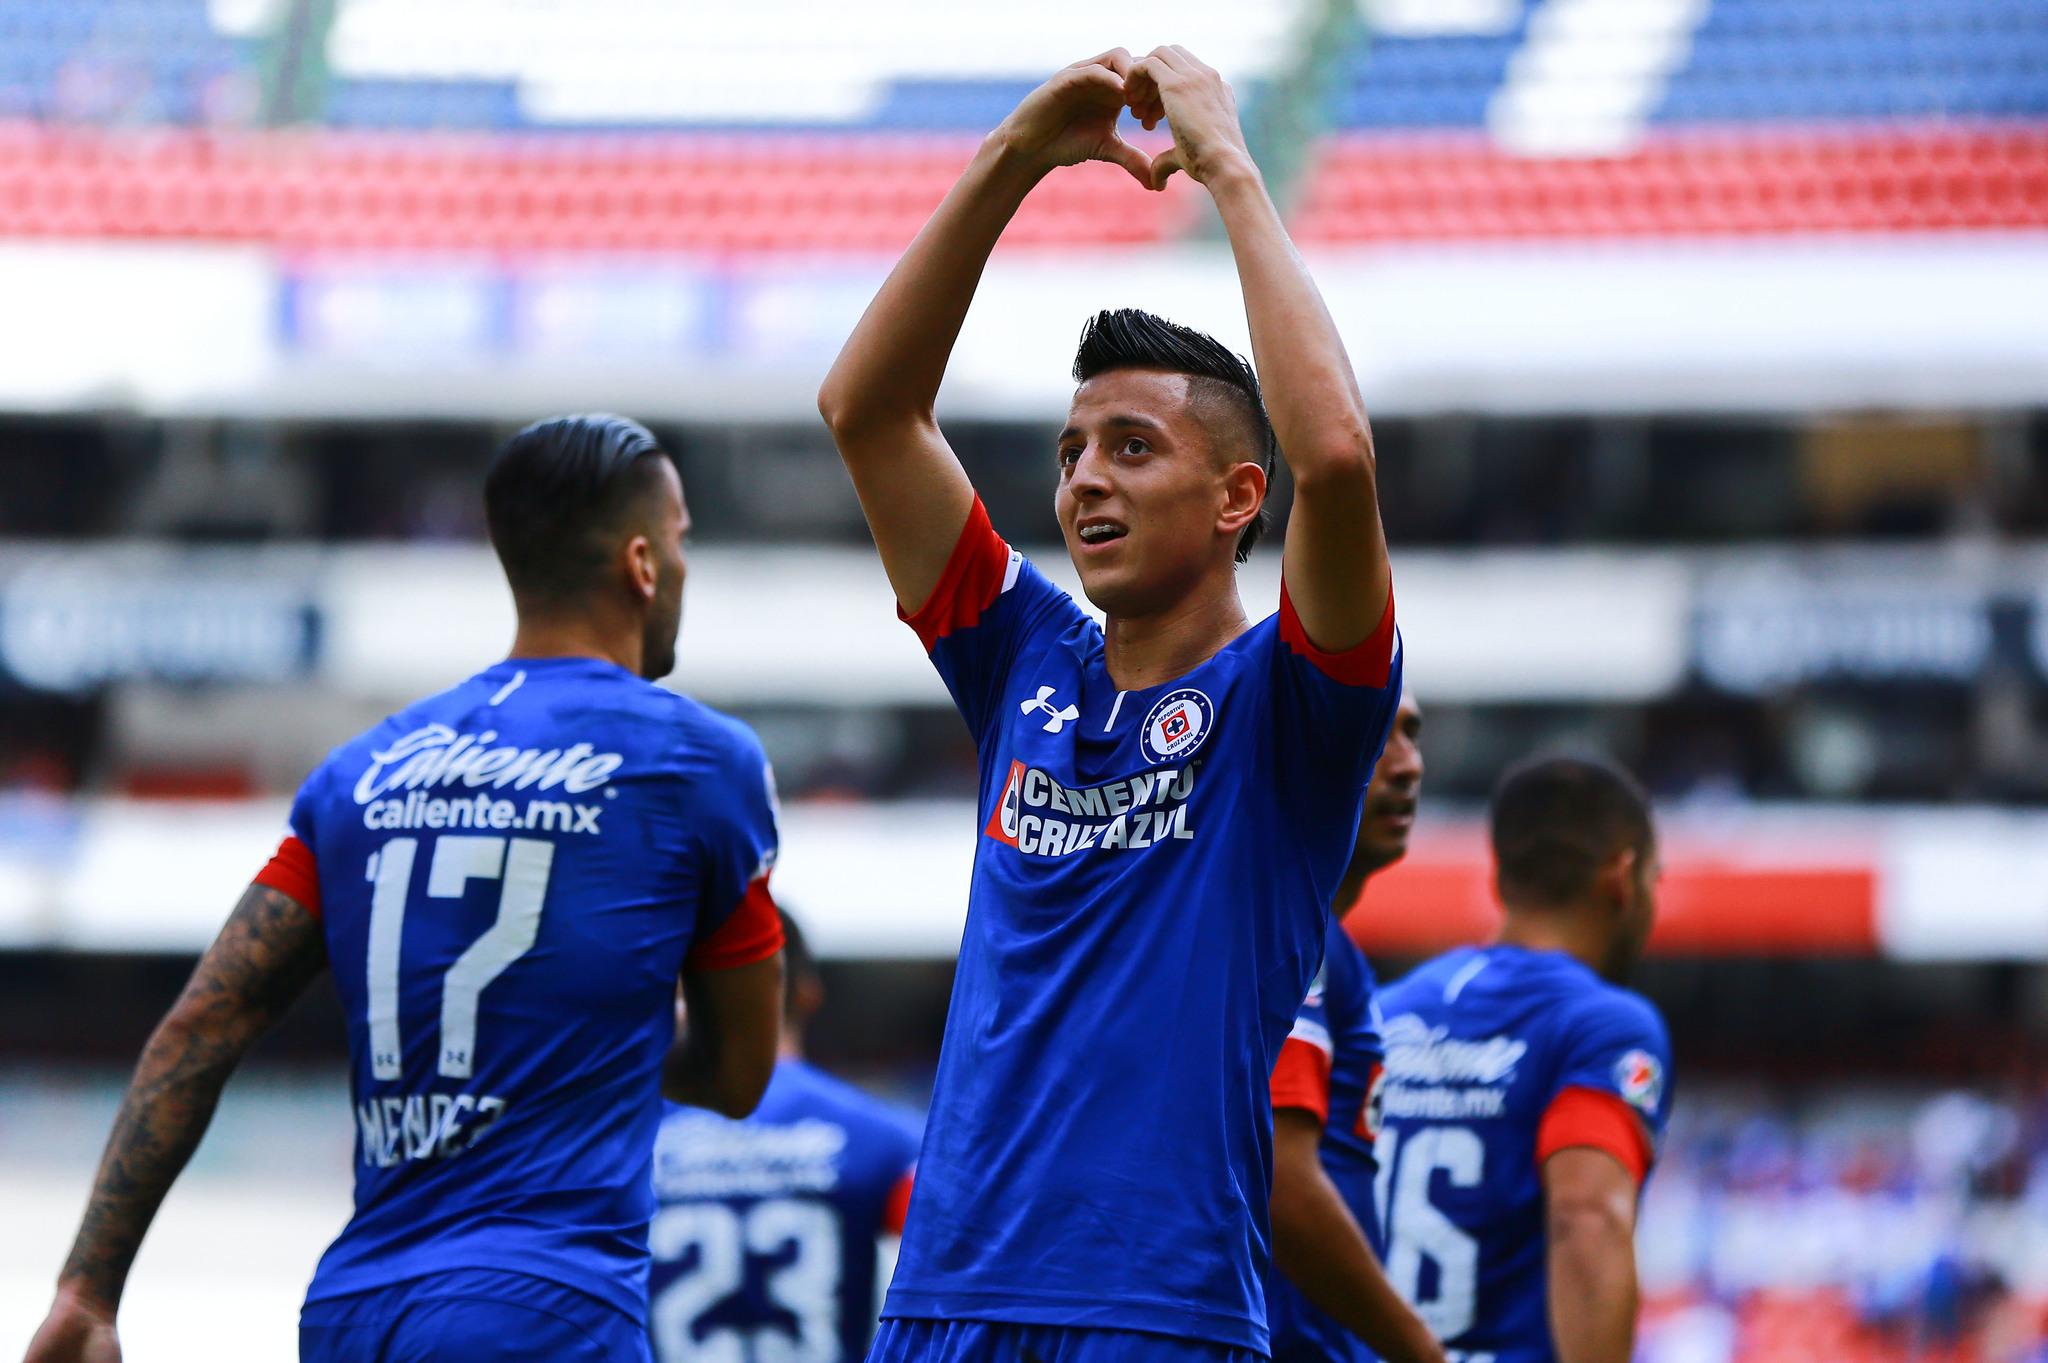 Cruz Azul goleó a los Tiburones Rojos del Veracruz en la cancha del Estadio  Azteca. Los jugadores celestes Roberto Alvarado y Elías Hernández tuvieron  una ... 1fab47e774f13